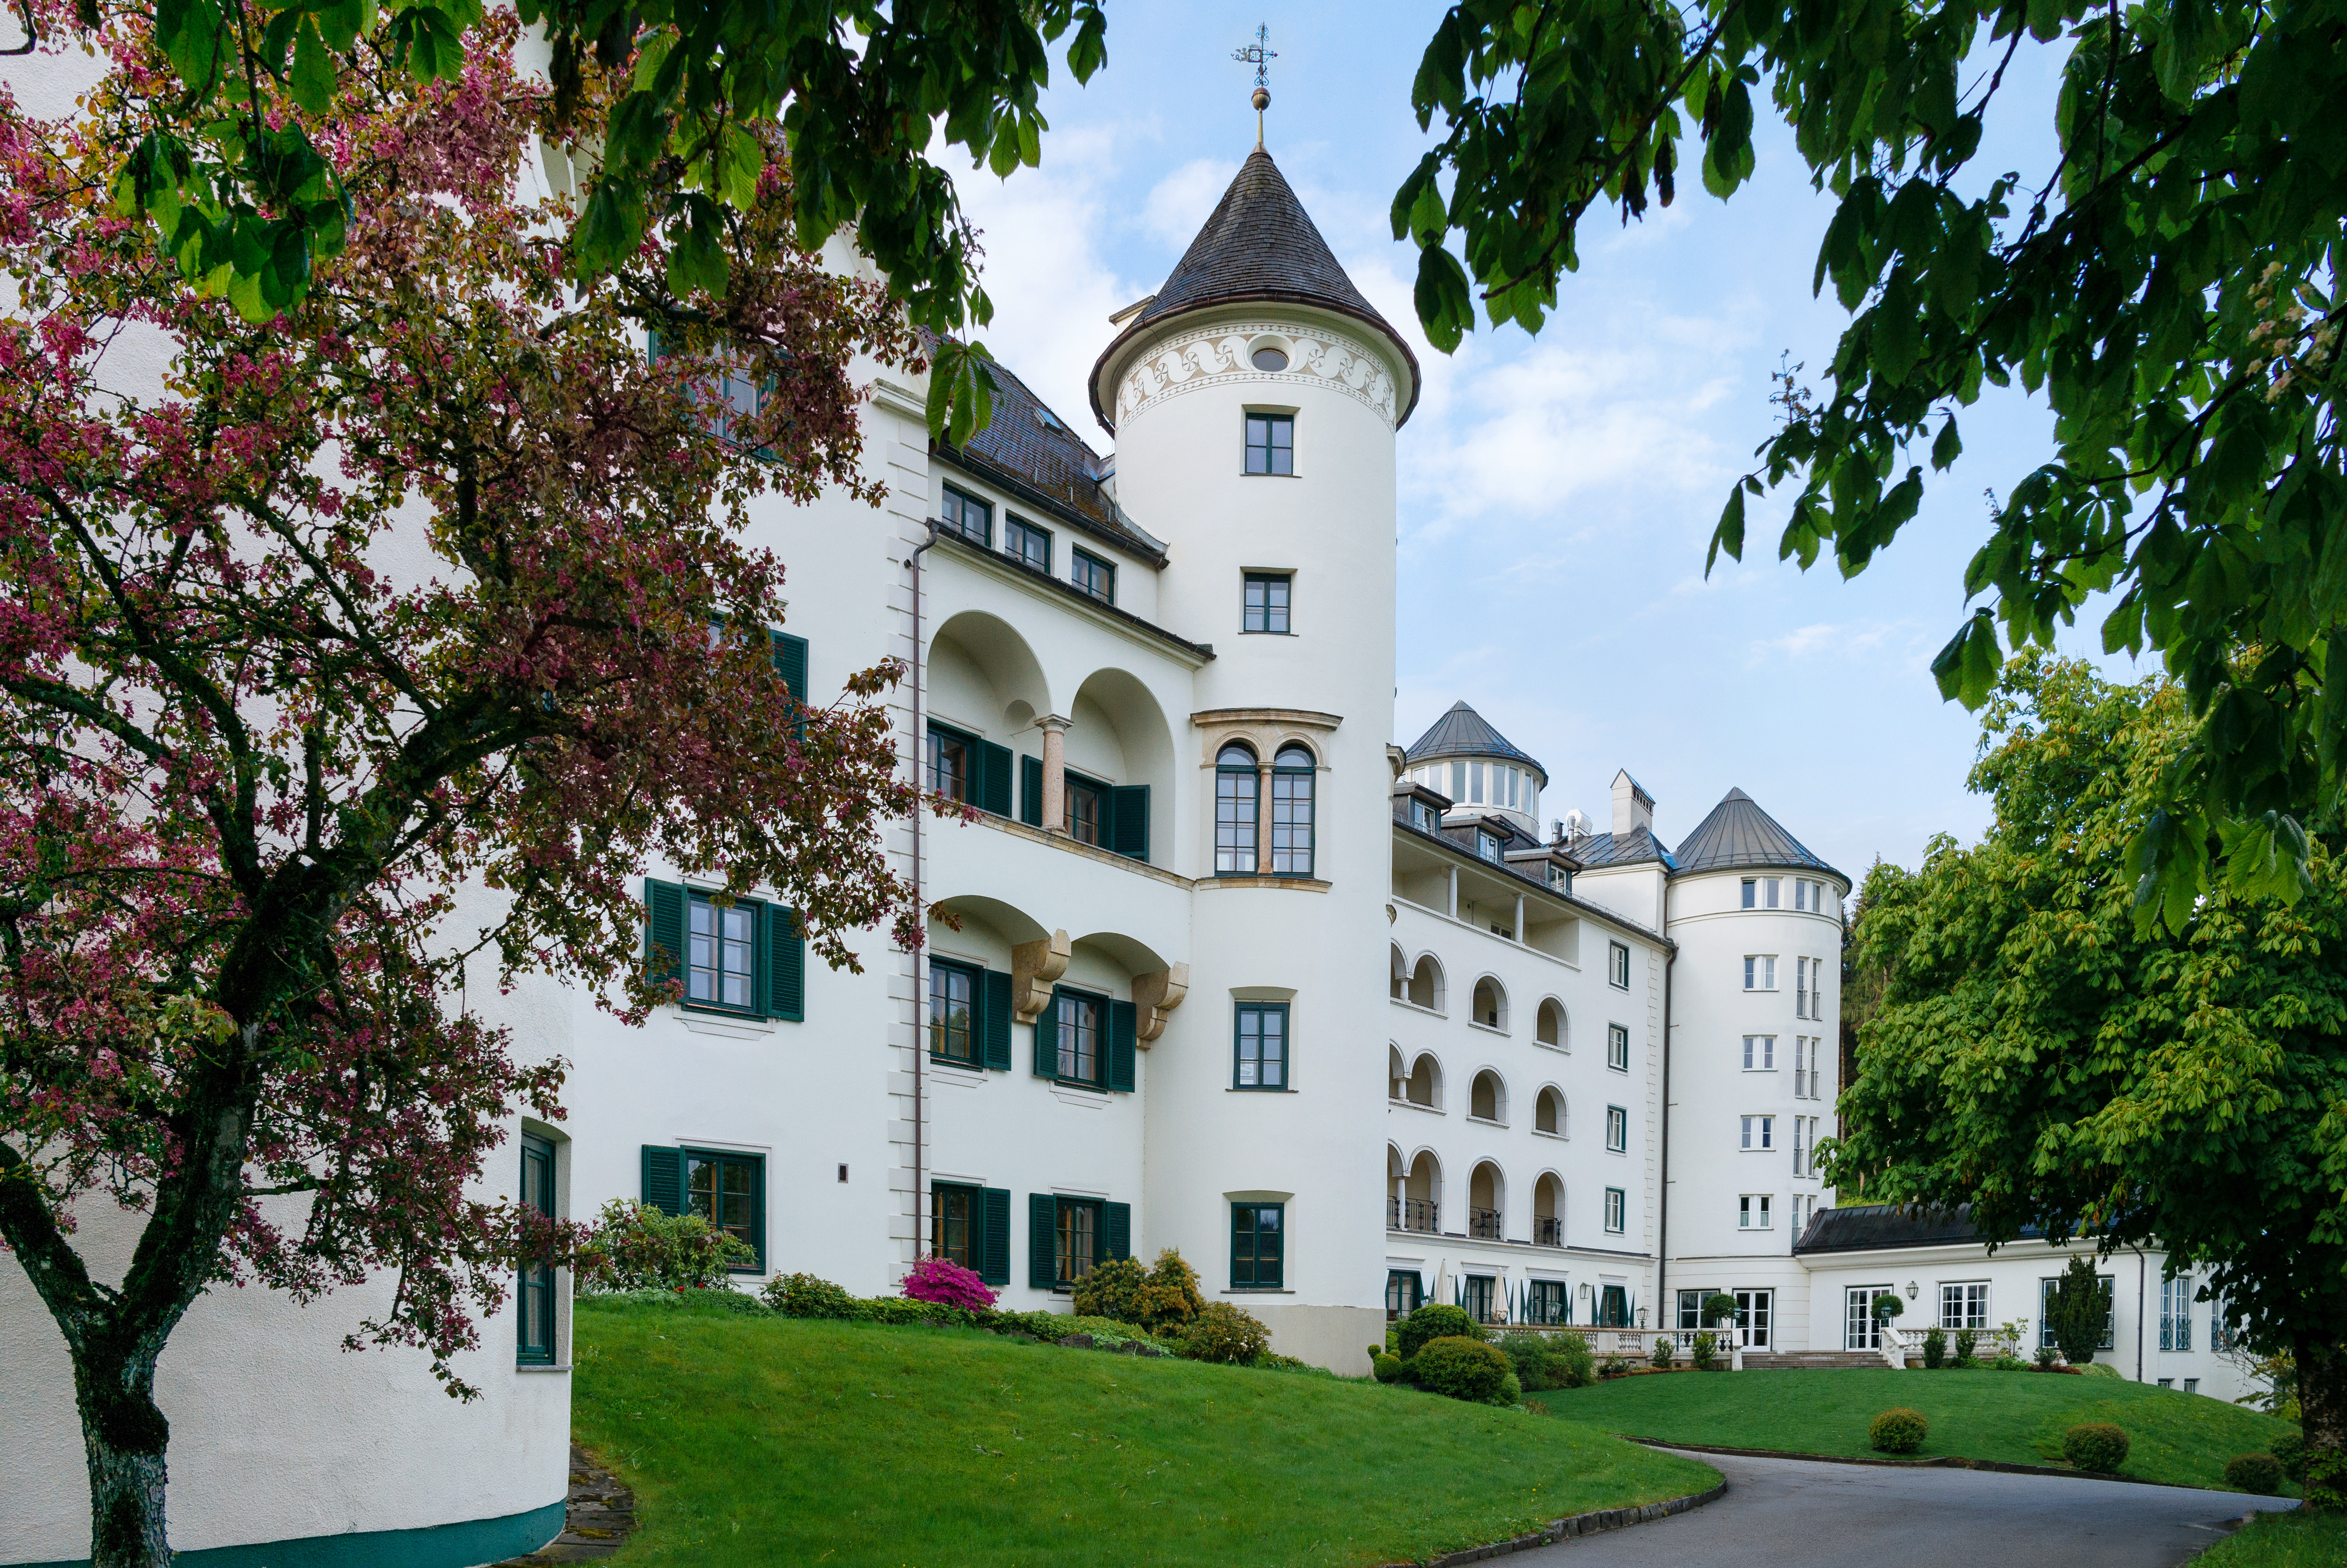 Romantik Hotel Schloss Pichlarn, Liezen